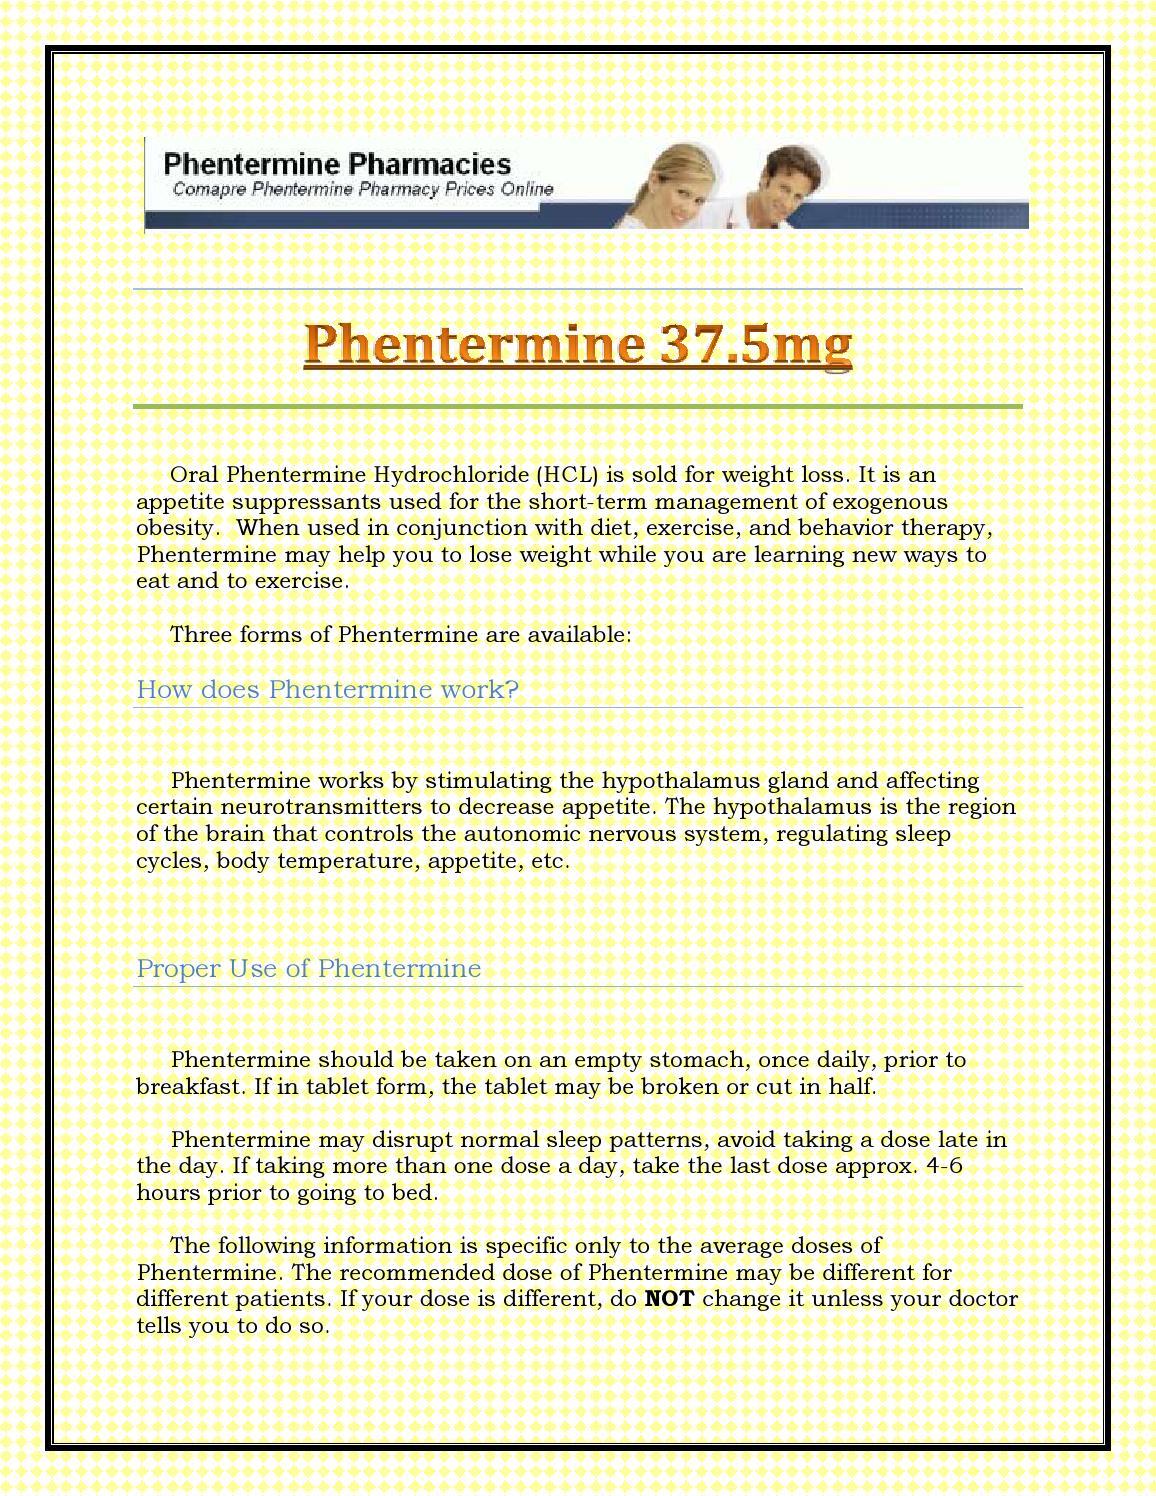 Half dose of phentermine